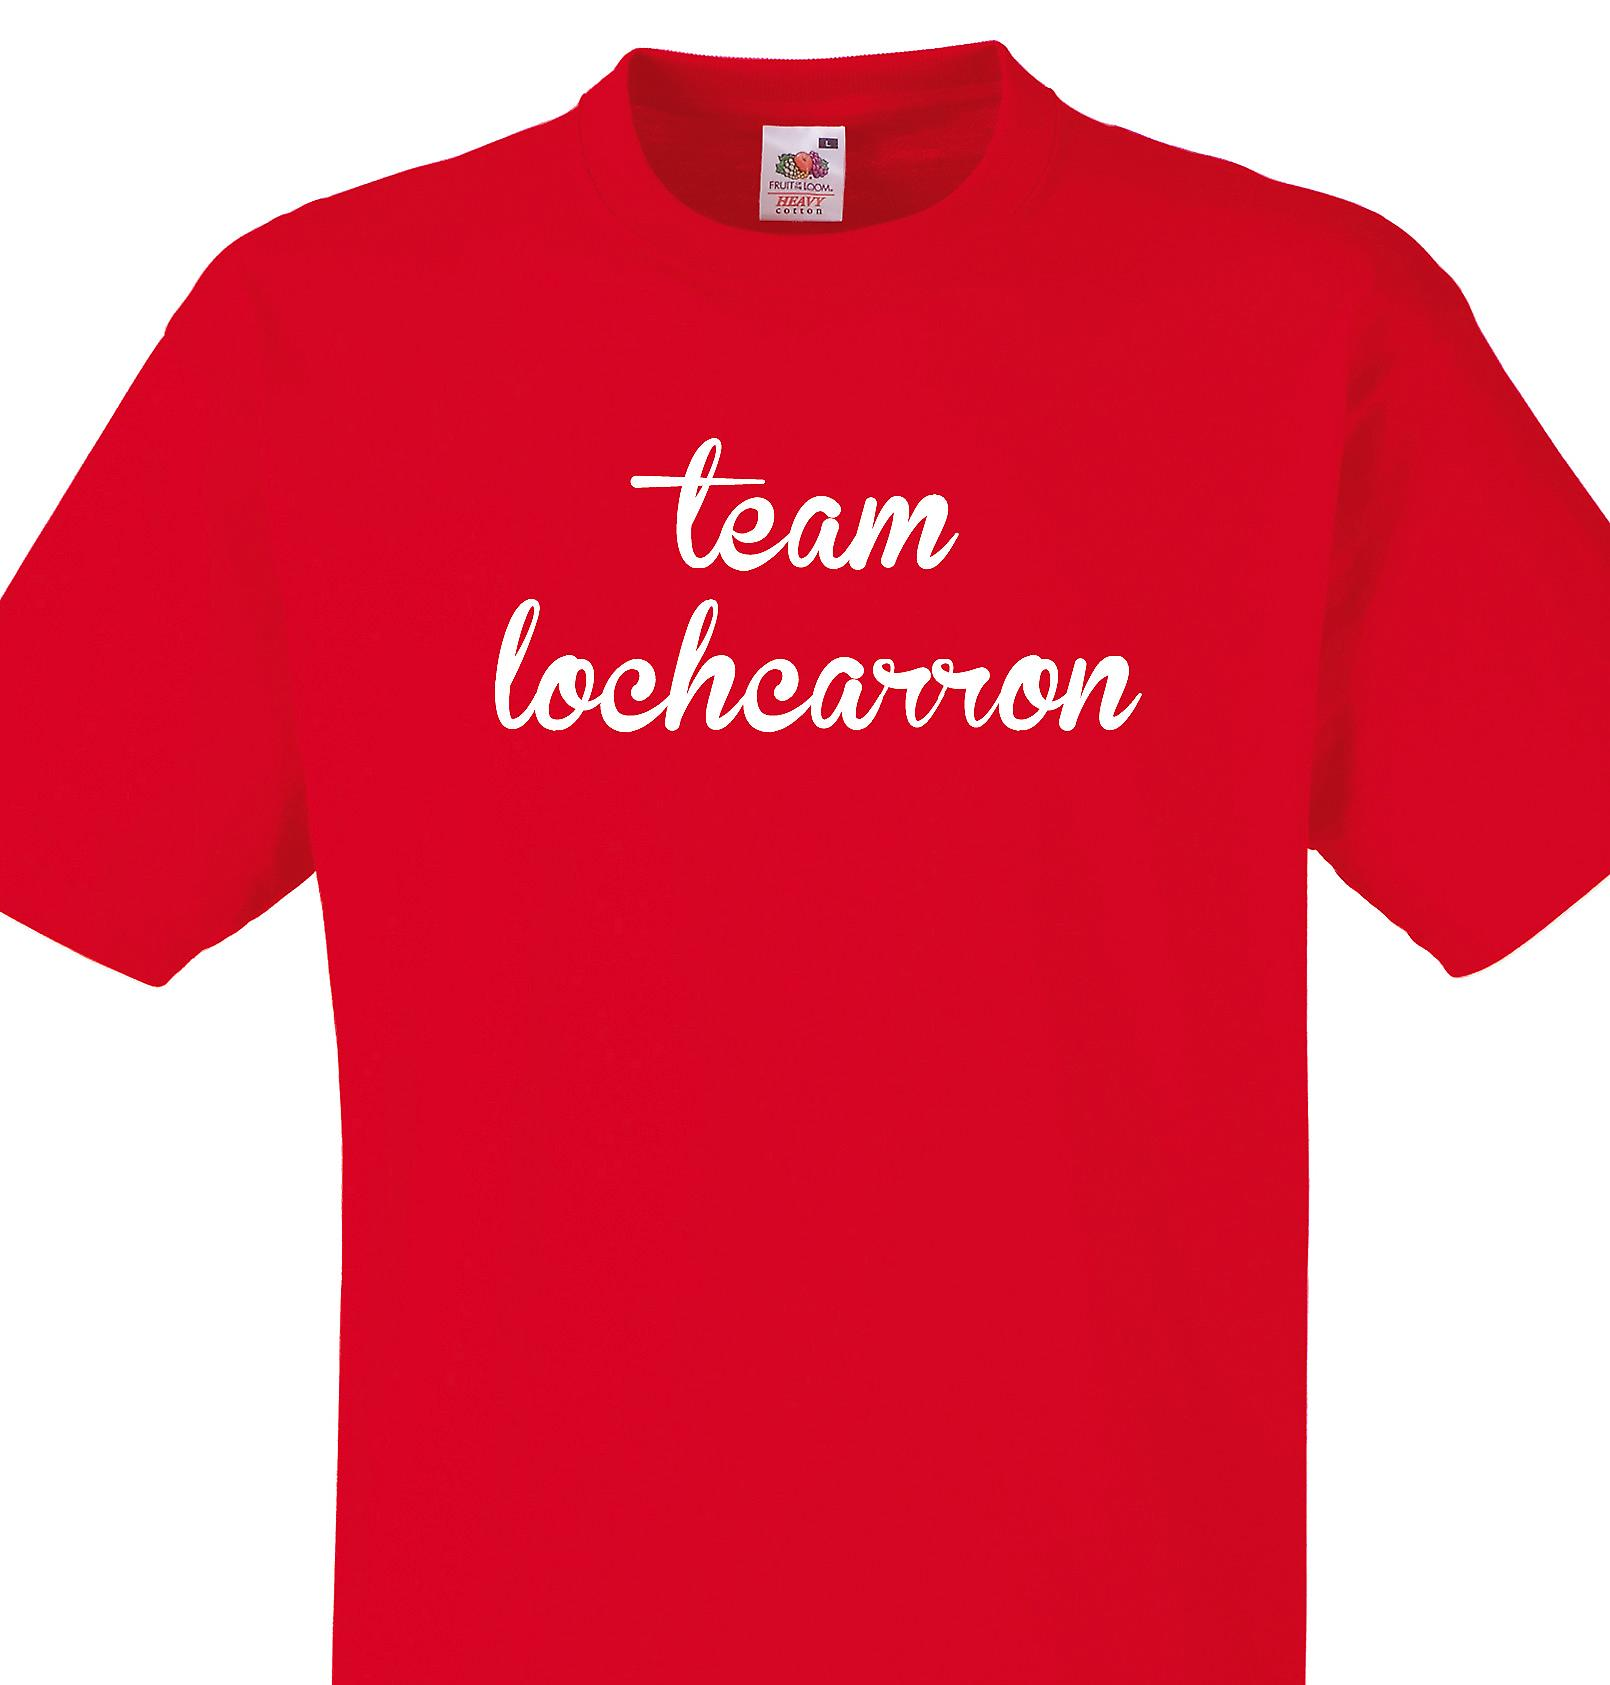 Team Lochcarron Red T shirt